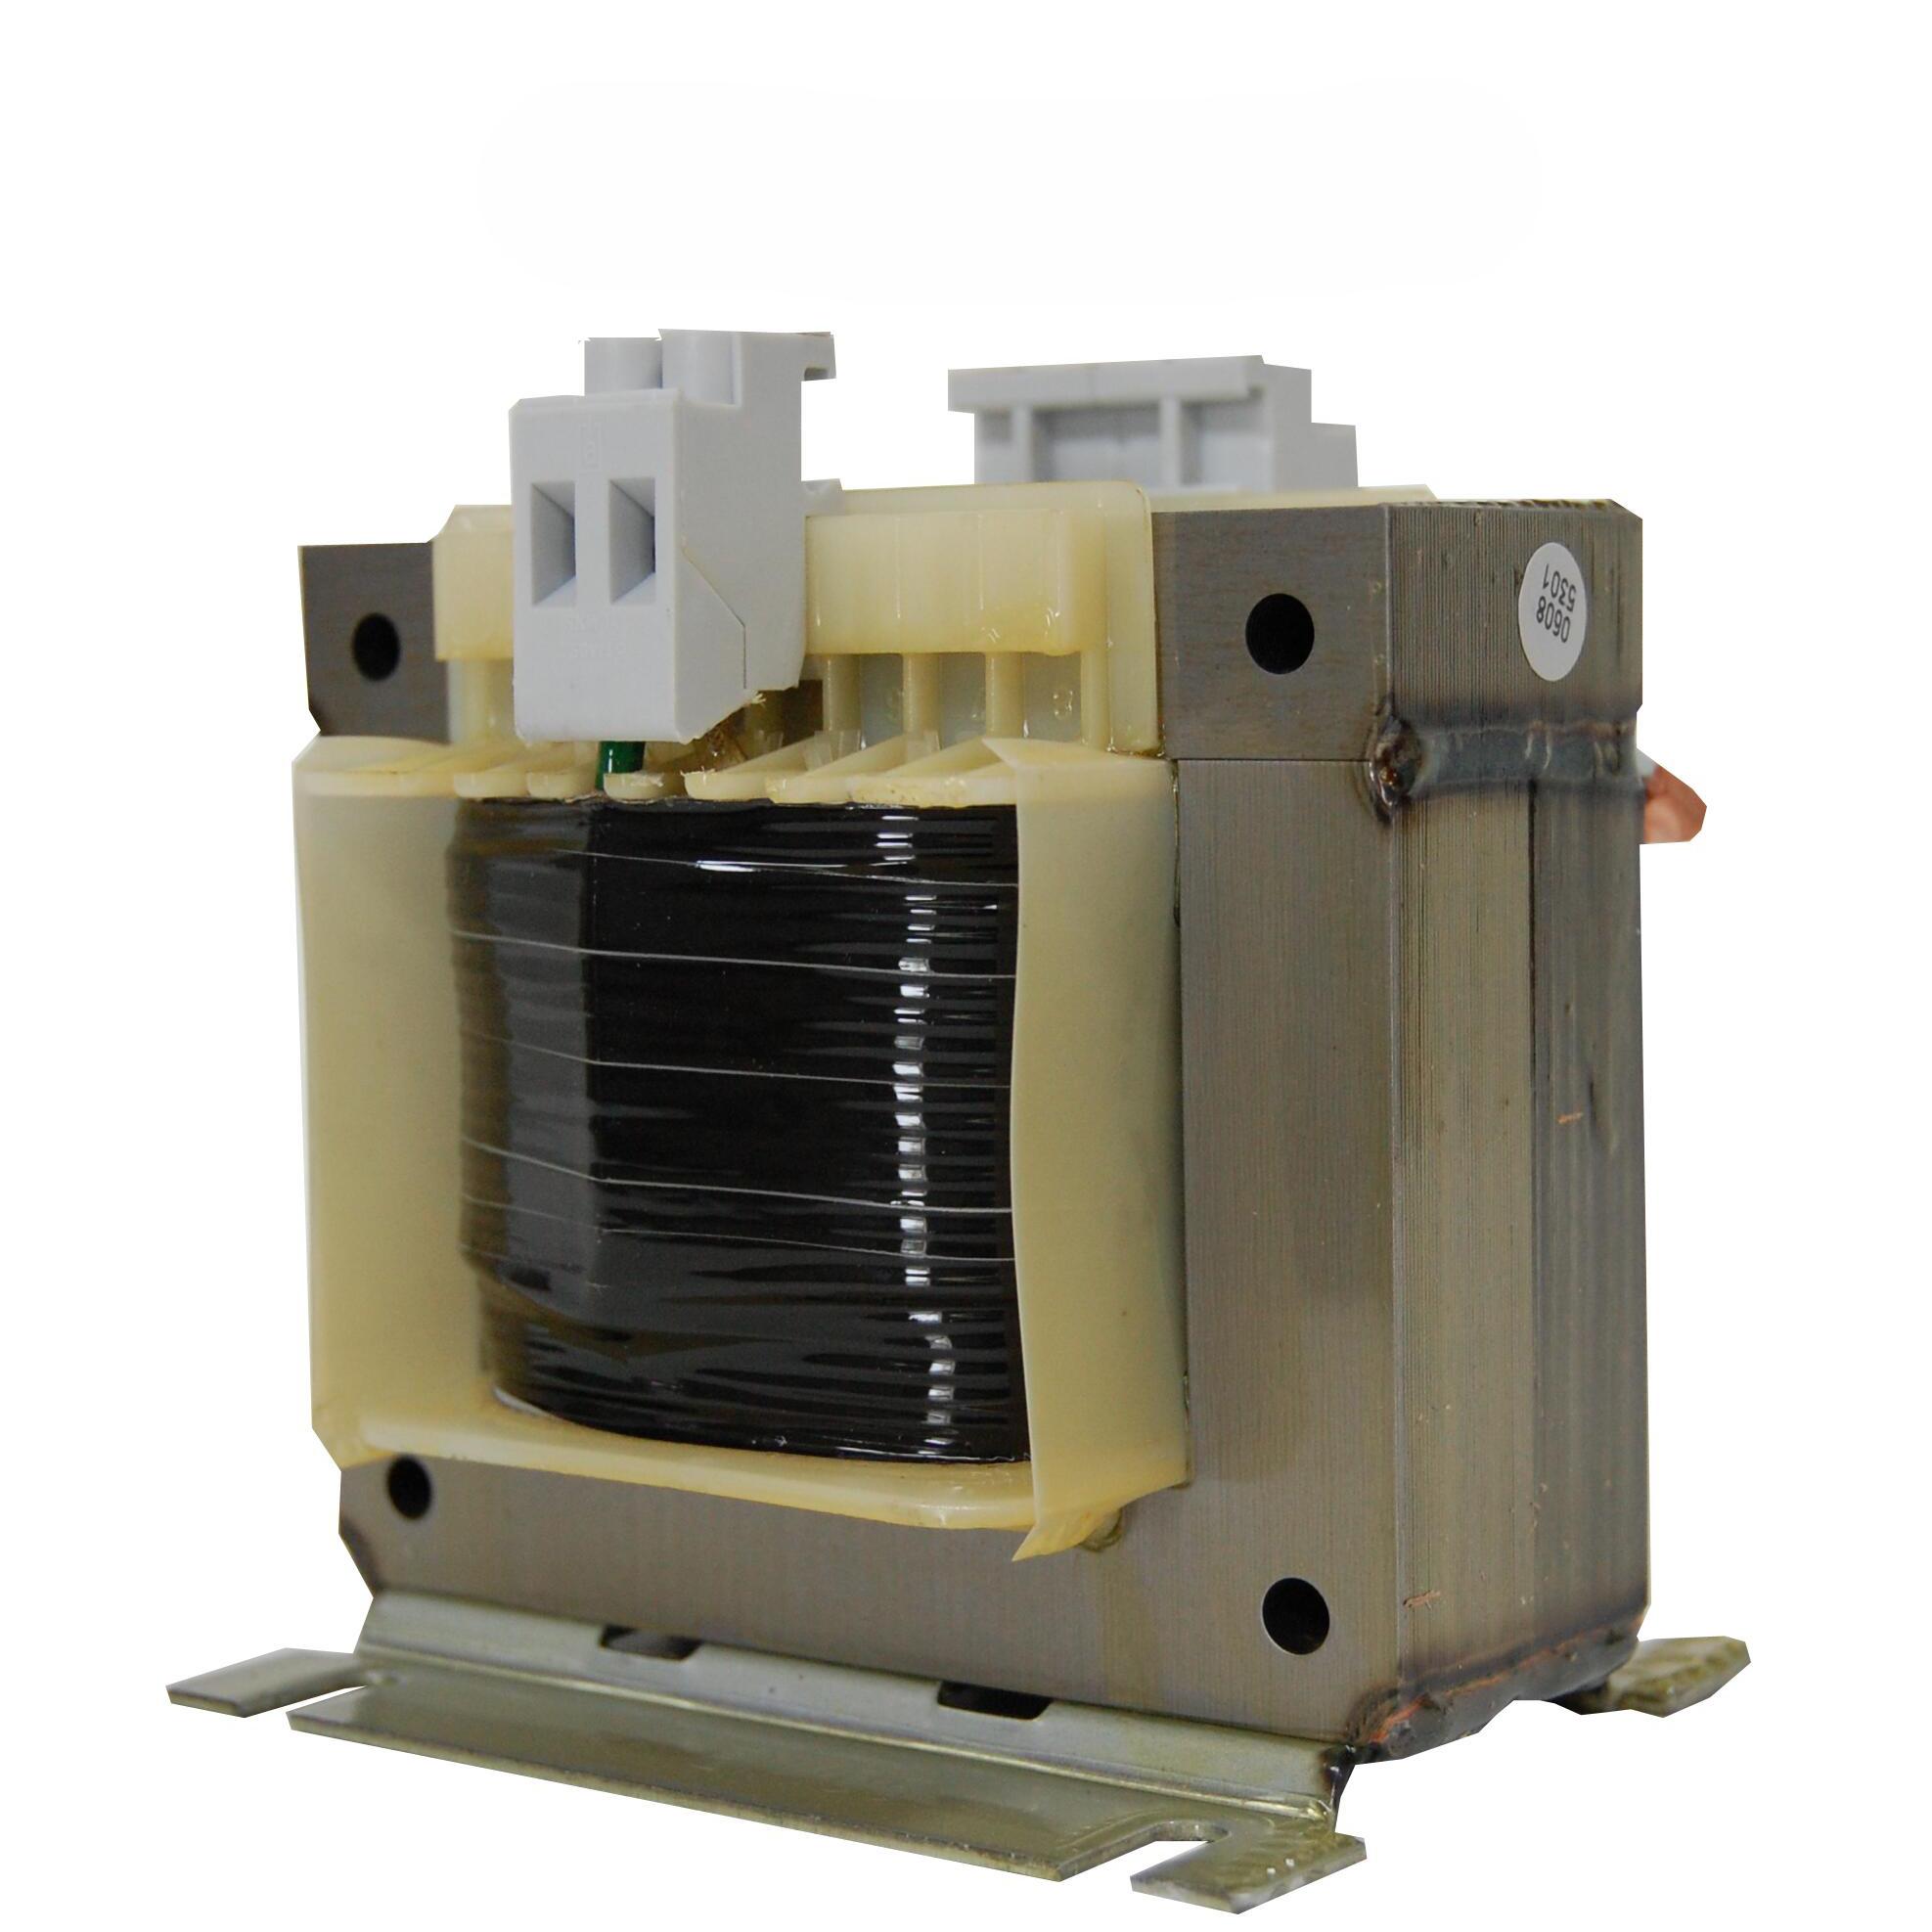 1 Stk Einphasen Steuertransformator 400/230V, 400VA, IP00 LP604040T-